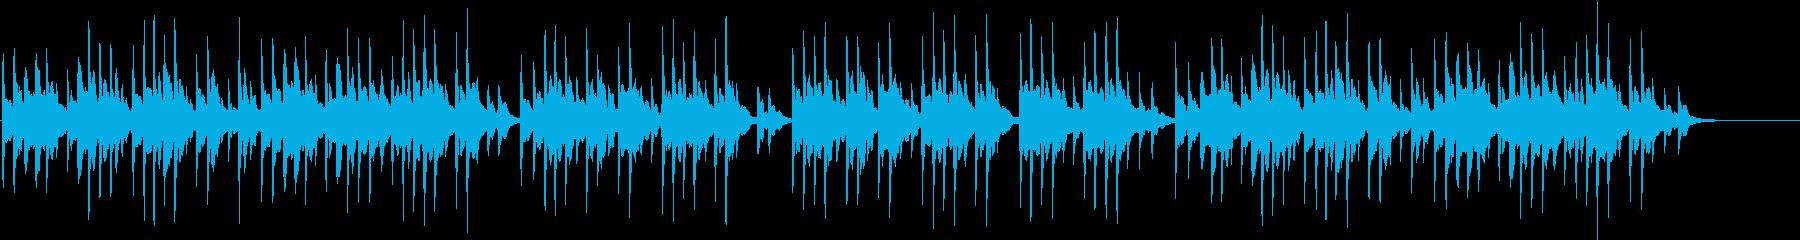 花の歌 ランゲ オルゴール クラシックの再生済みの波形